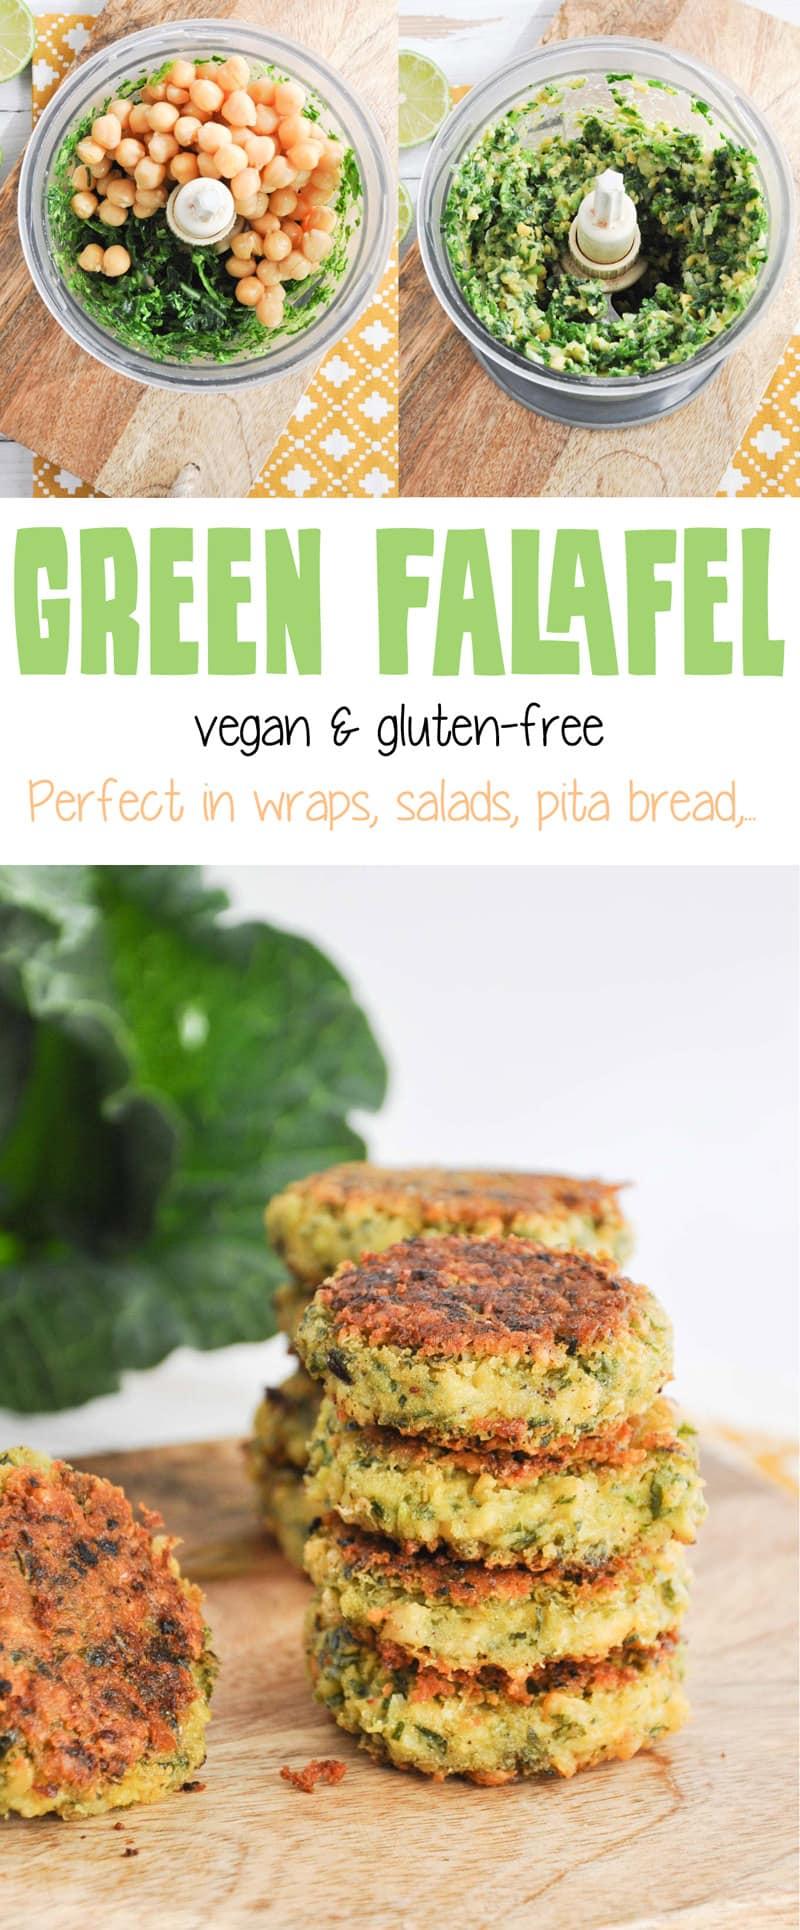 Vegan & Gluten-Free Green Falafel | ElephantasticVegan.com